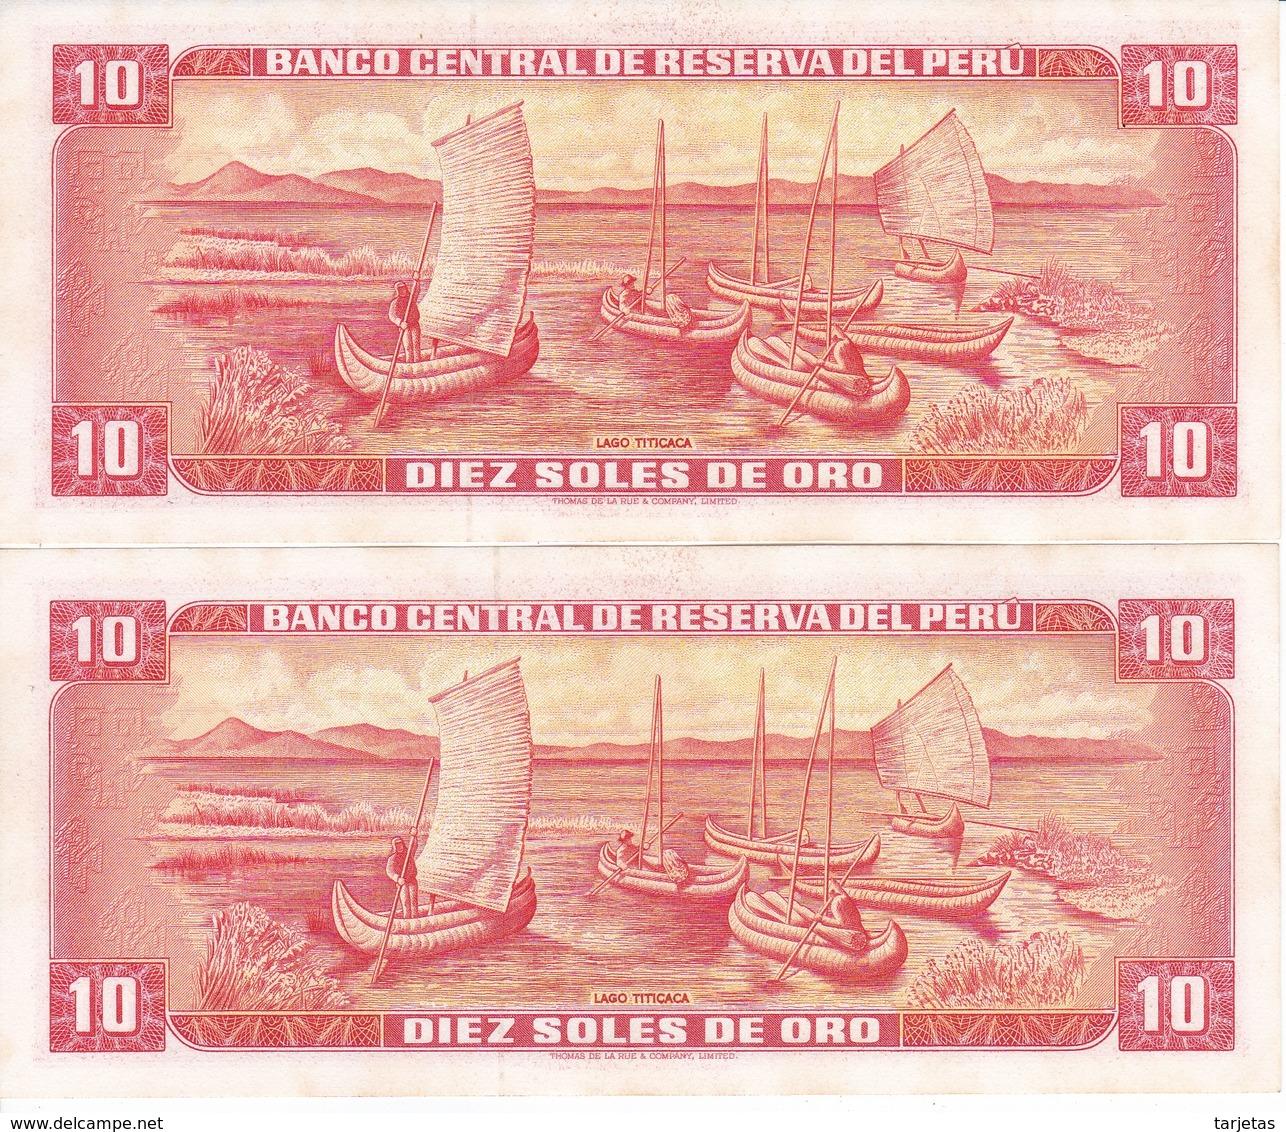 PAREJA CORRELATIVA DE PERU DE 10 SOLES DE ORO DEL AÑO 1973 EN CALIDAD EBC (XF) (BANKNOTE) - Perú